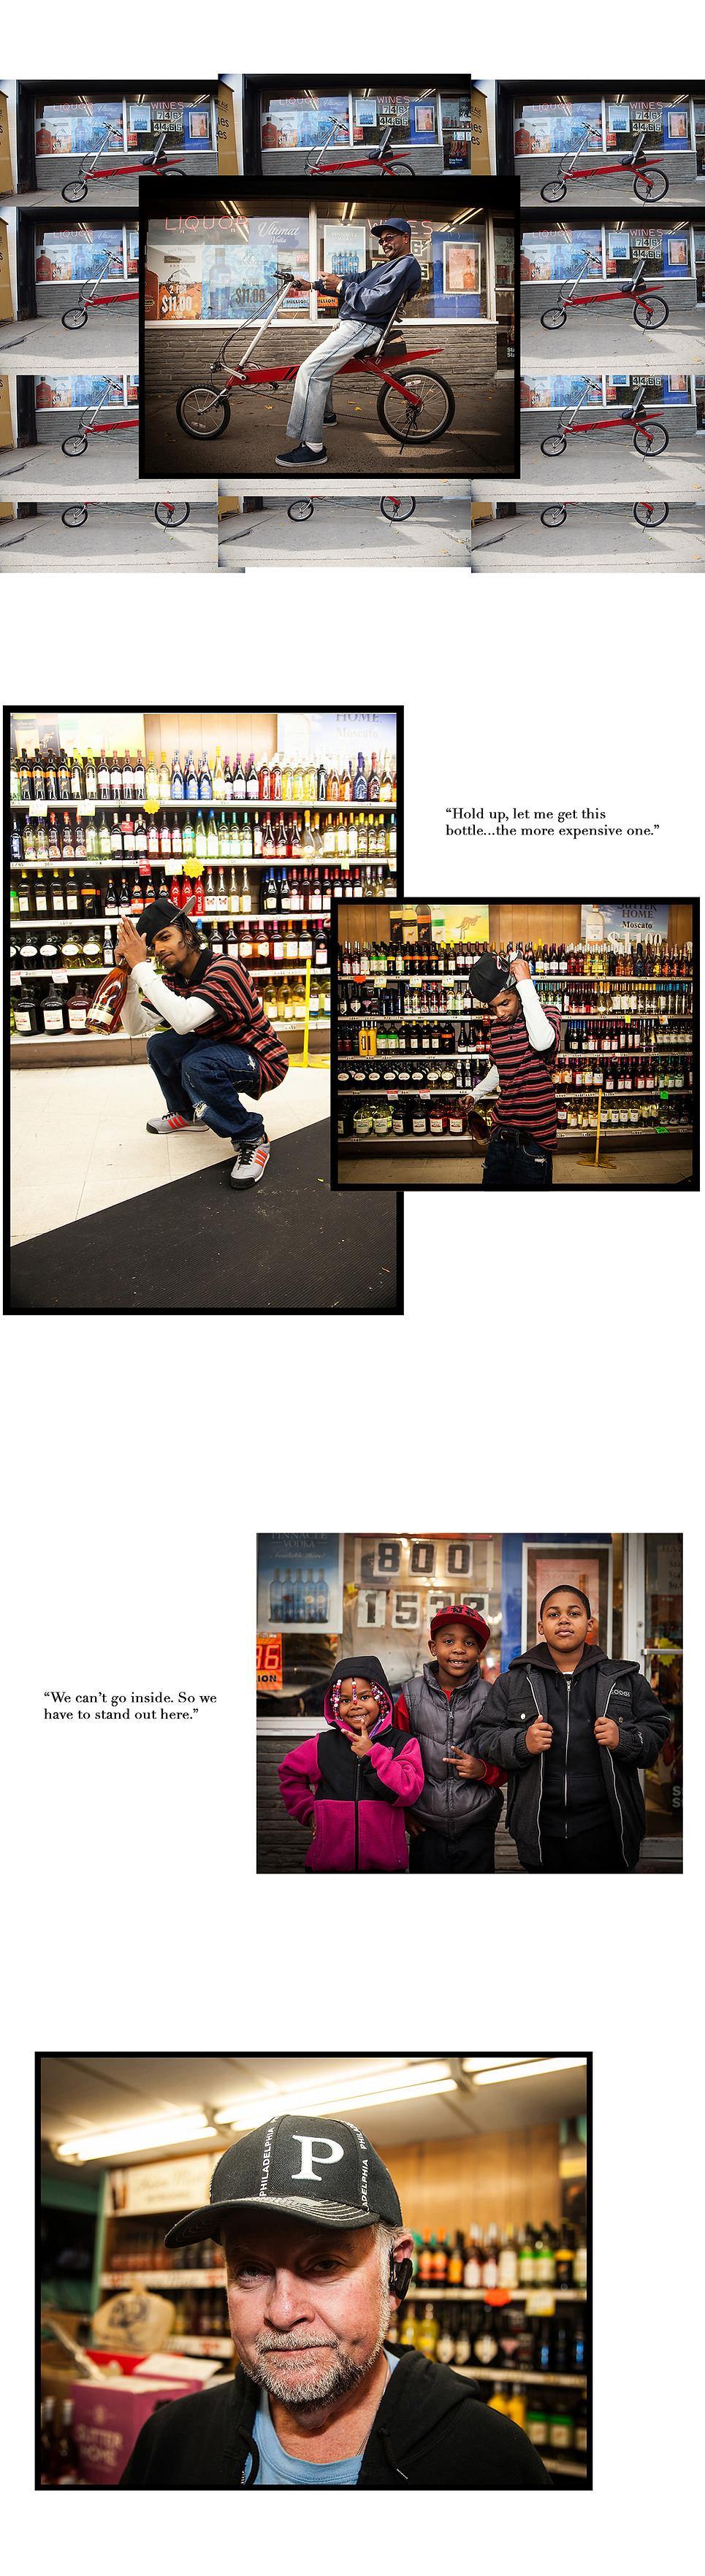 Hubs-Liquor_p2.jpg